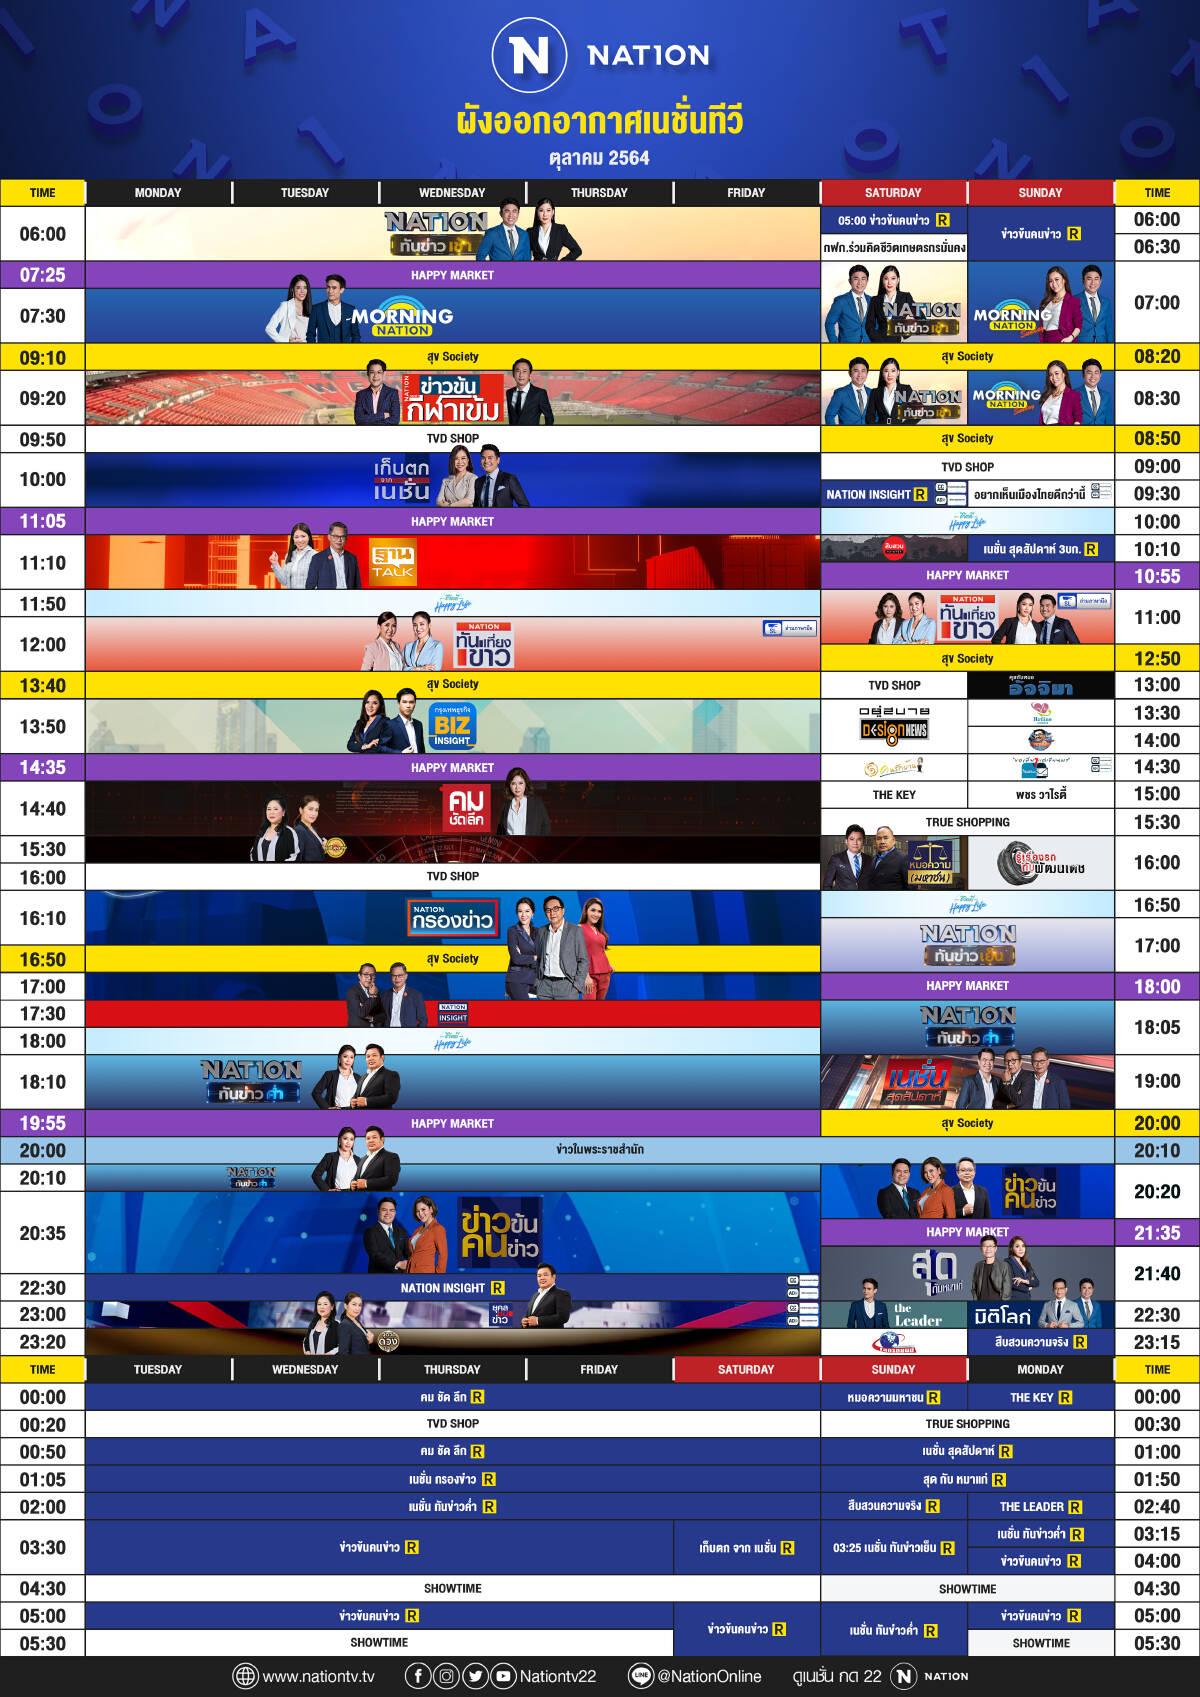 ผังออกอากาศ NationTV ประจำเดือน ตุลาคม 2564